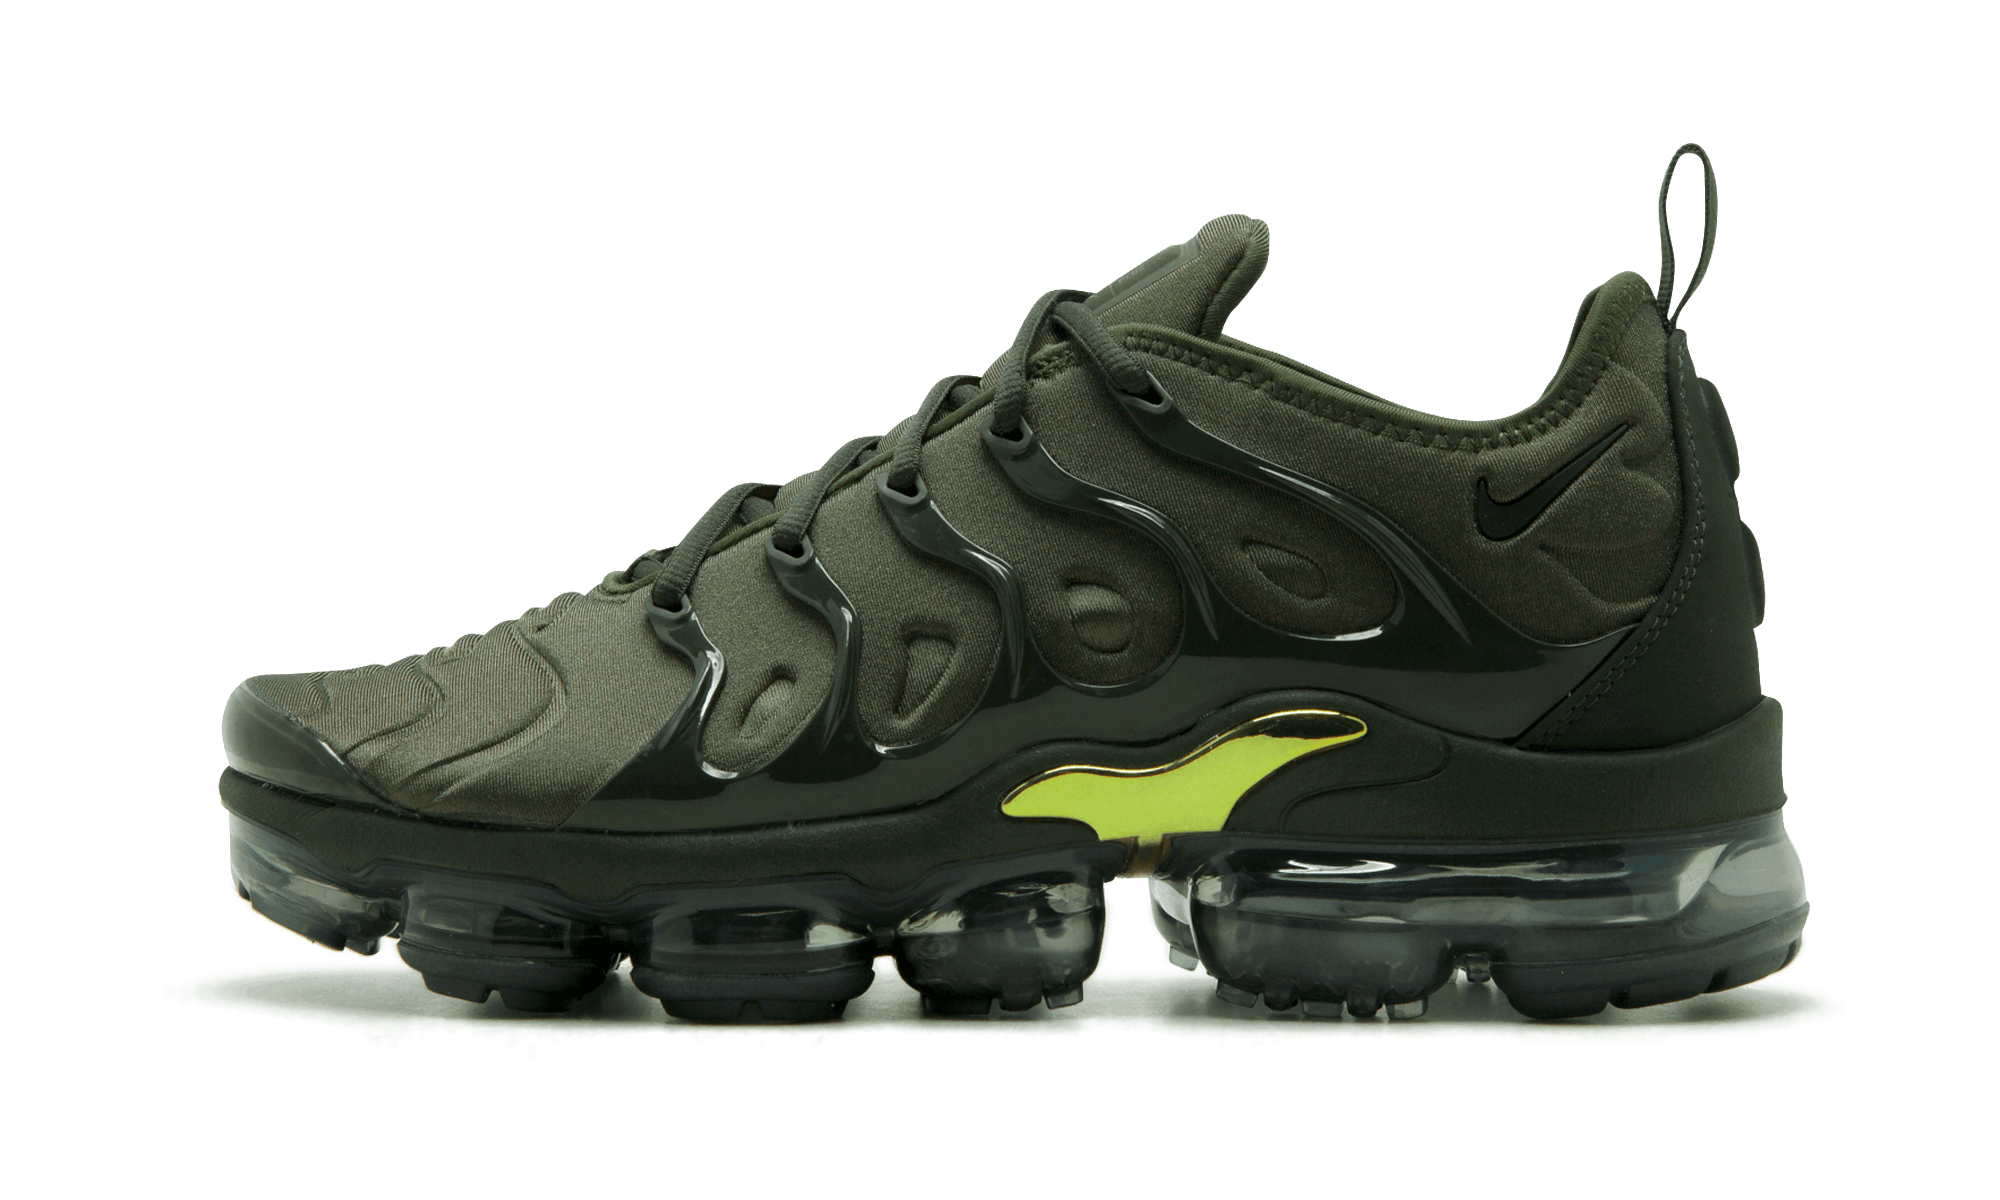 Nike Air Vapormax Plus - 924453 300 in